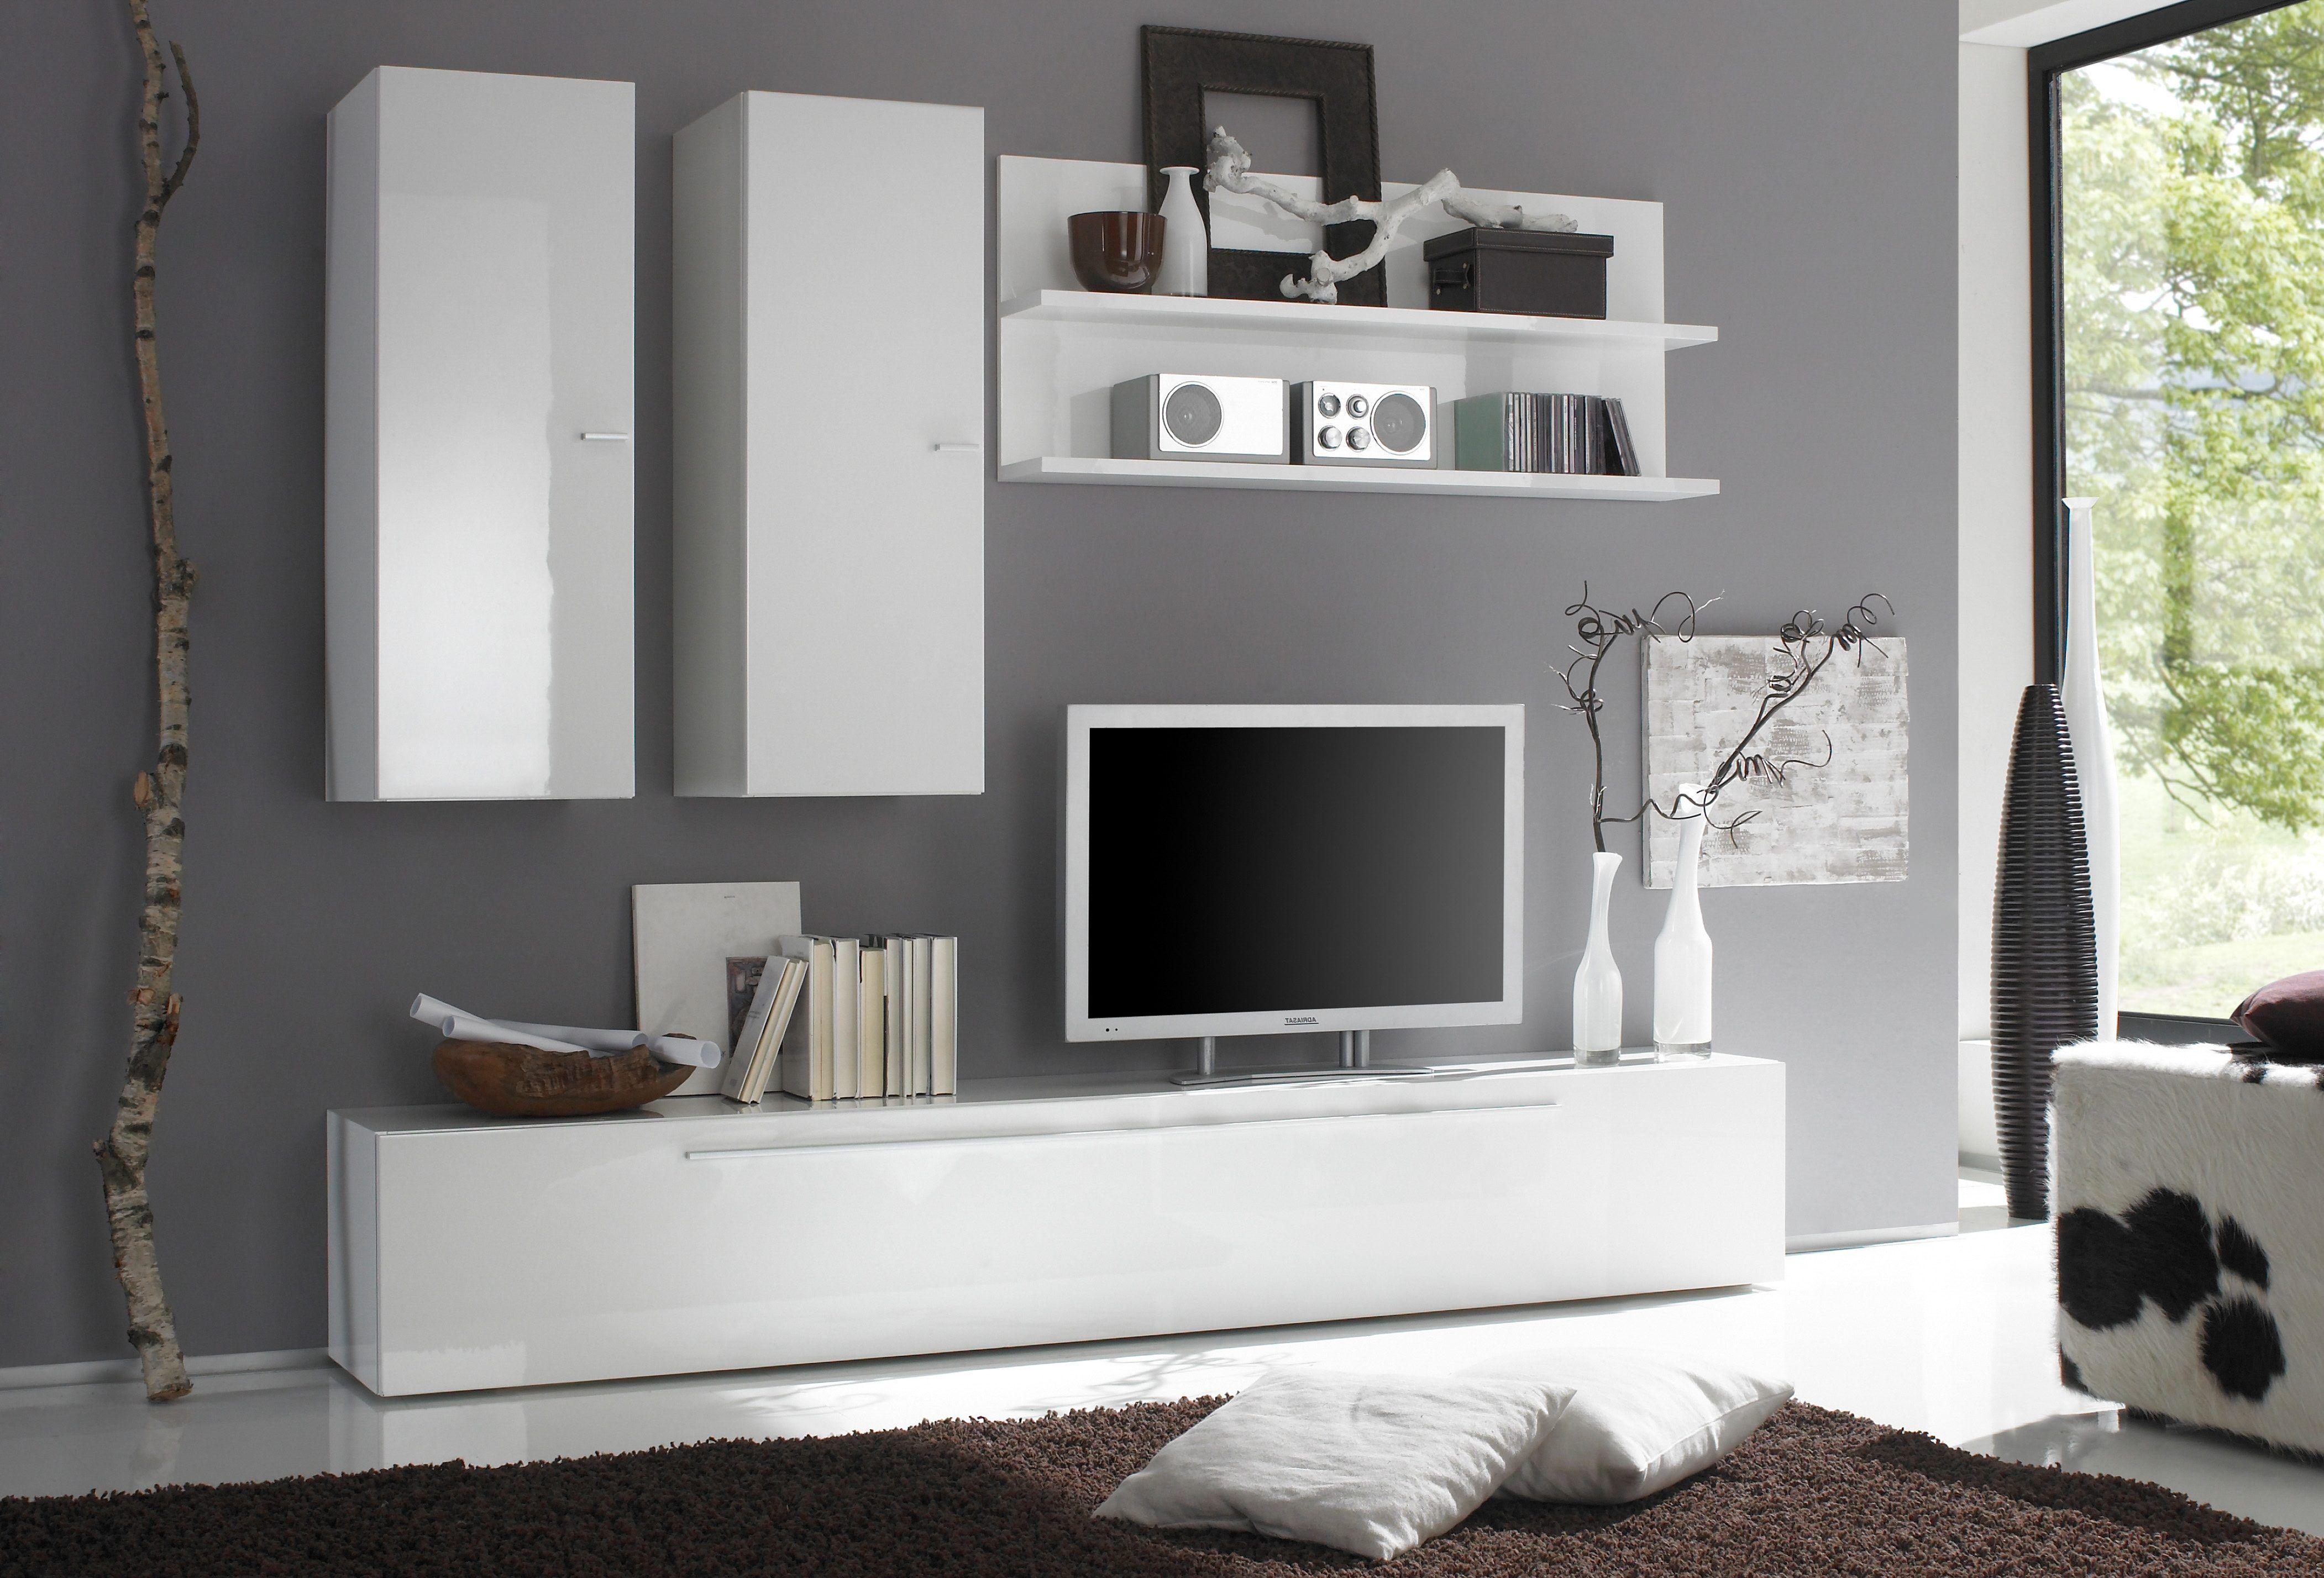 Wohnzimmer Wohnwand ~ Lc wohnwand weiß hochglanz jetzt bestellen unter moebel